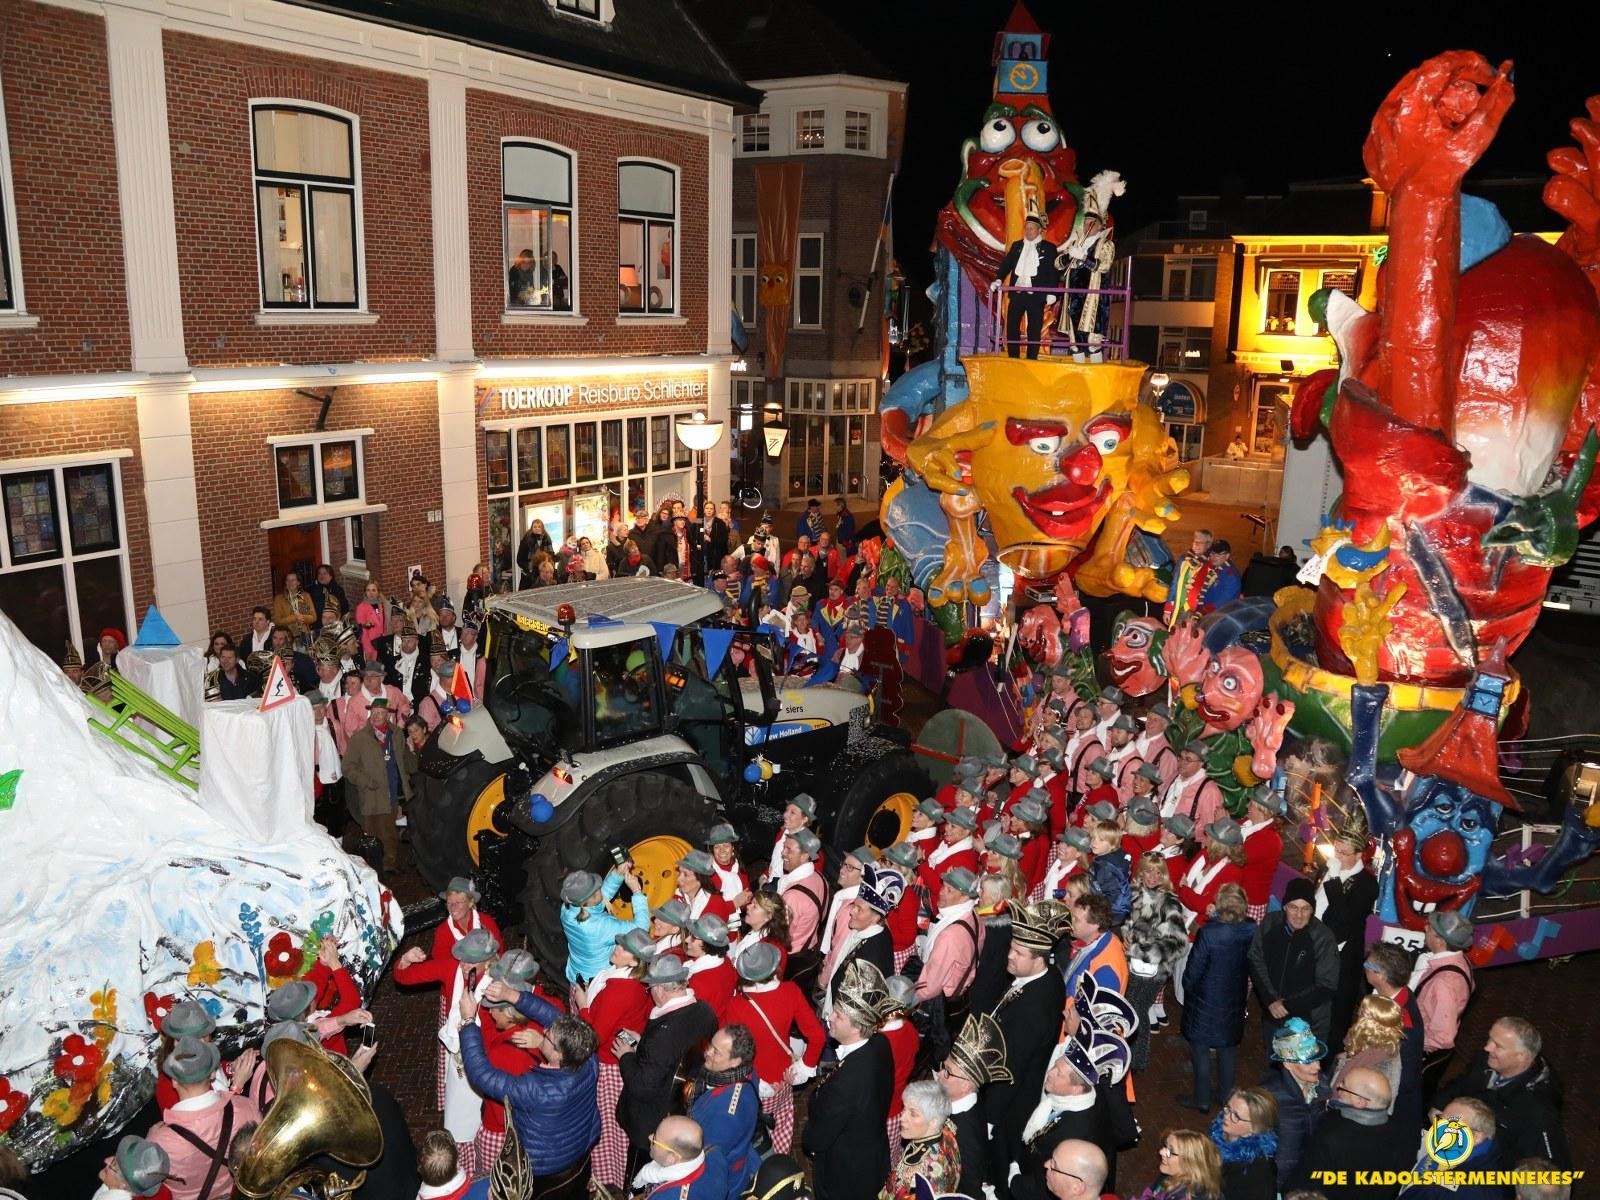 Wagenaanbieden van de hofhouding aan de stadsprins van de Boeskoolstad Oldenzaal